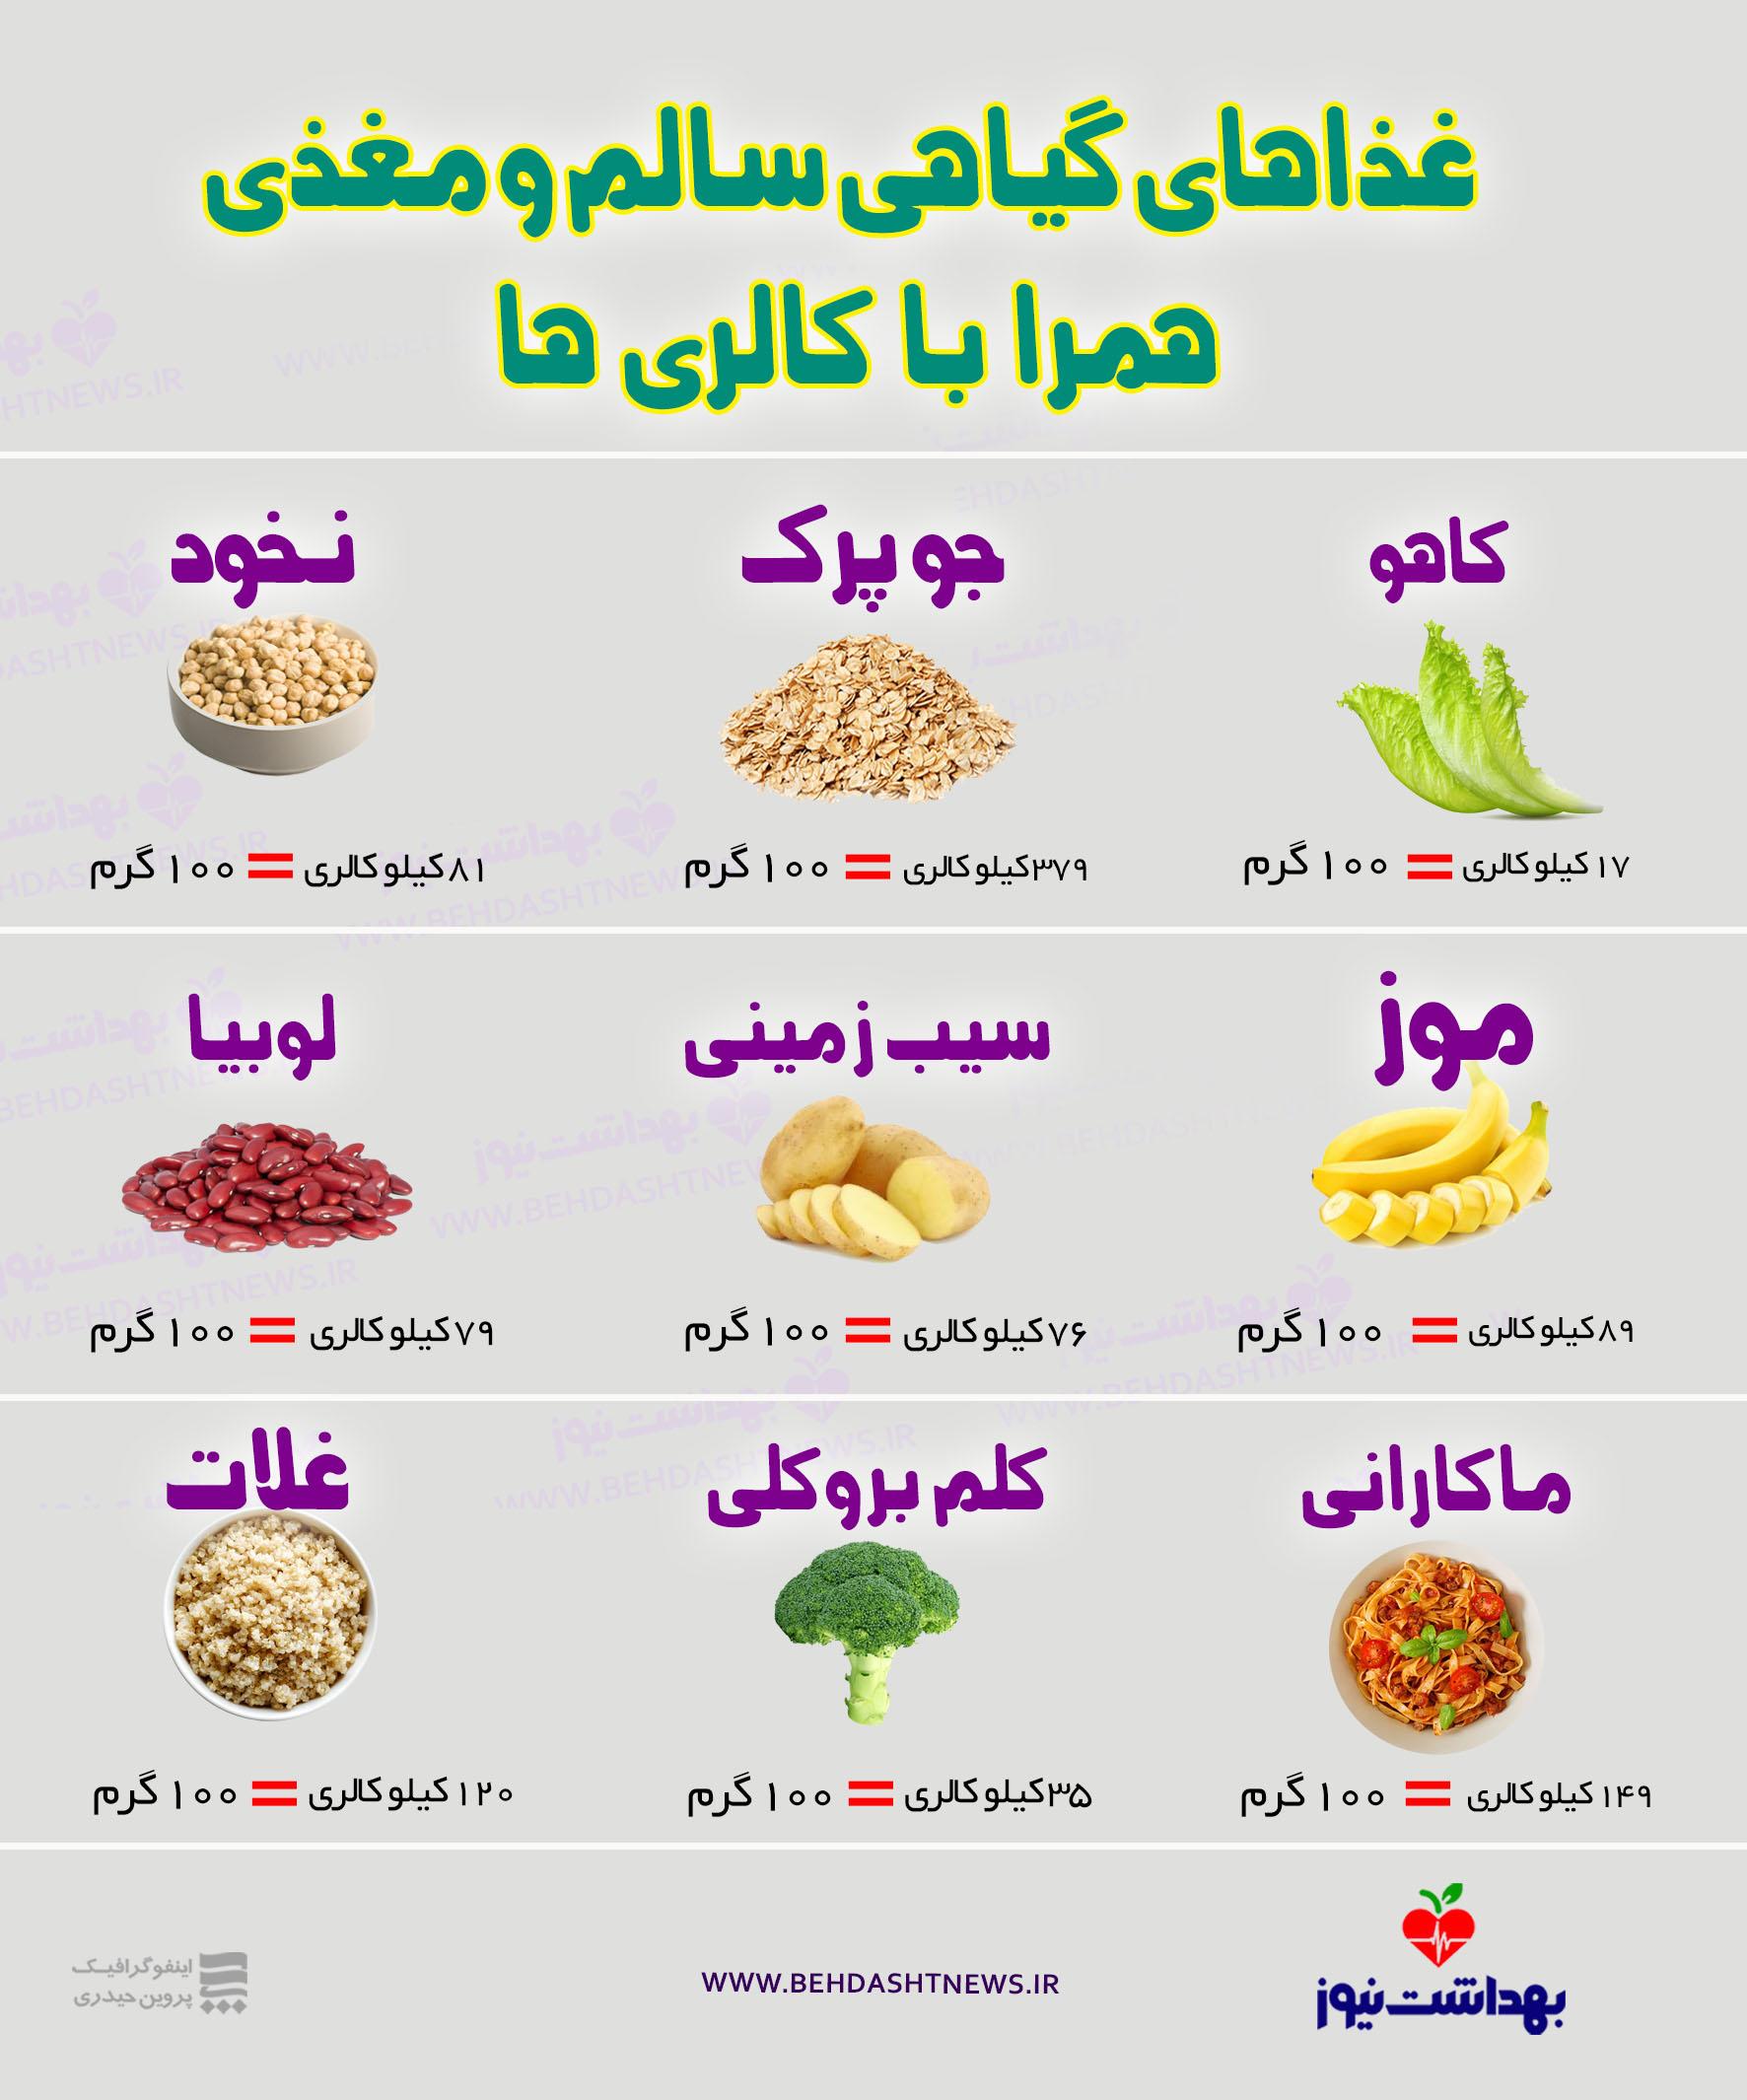 9 مورد از مغذی ترین مواد غذایی و خوراکی به همراه کالری